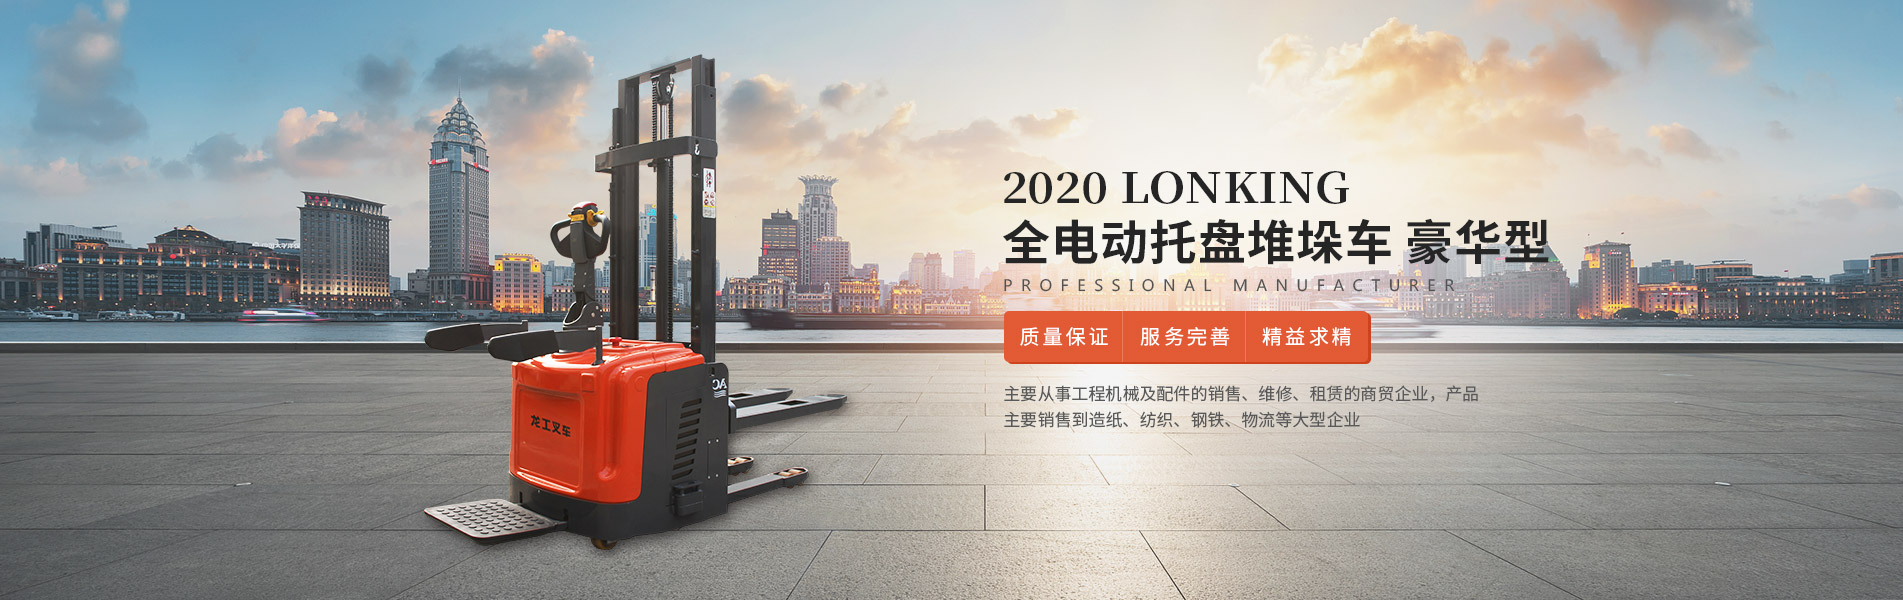 上海盛龙工程机械有限公司